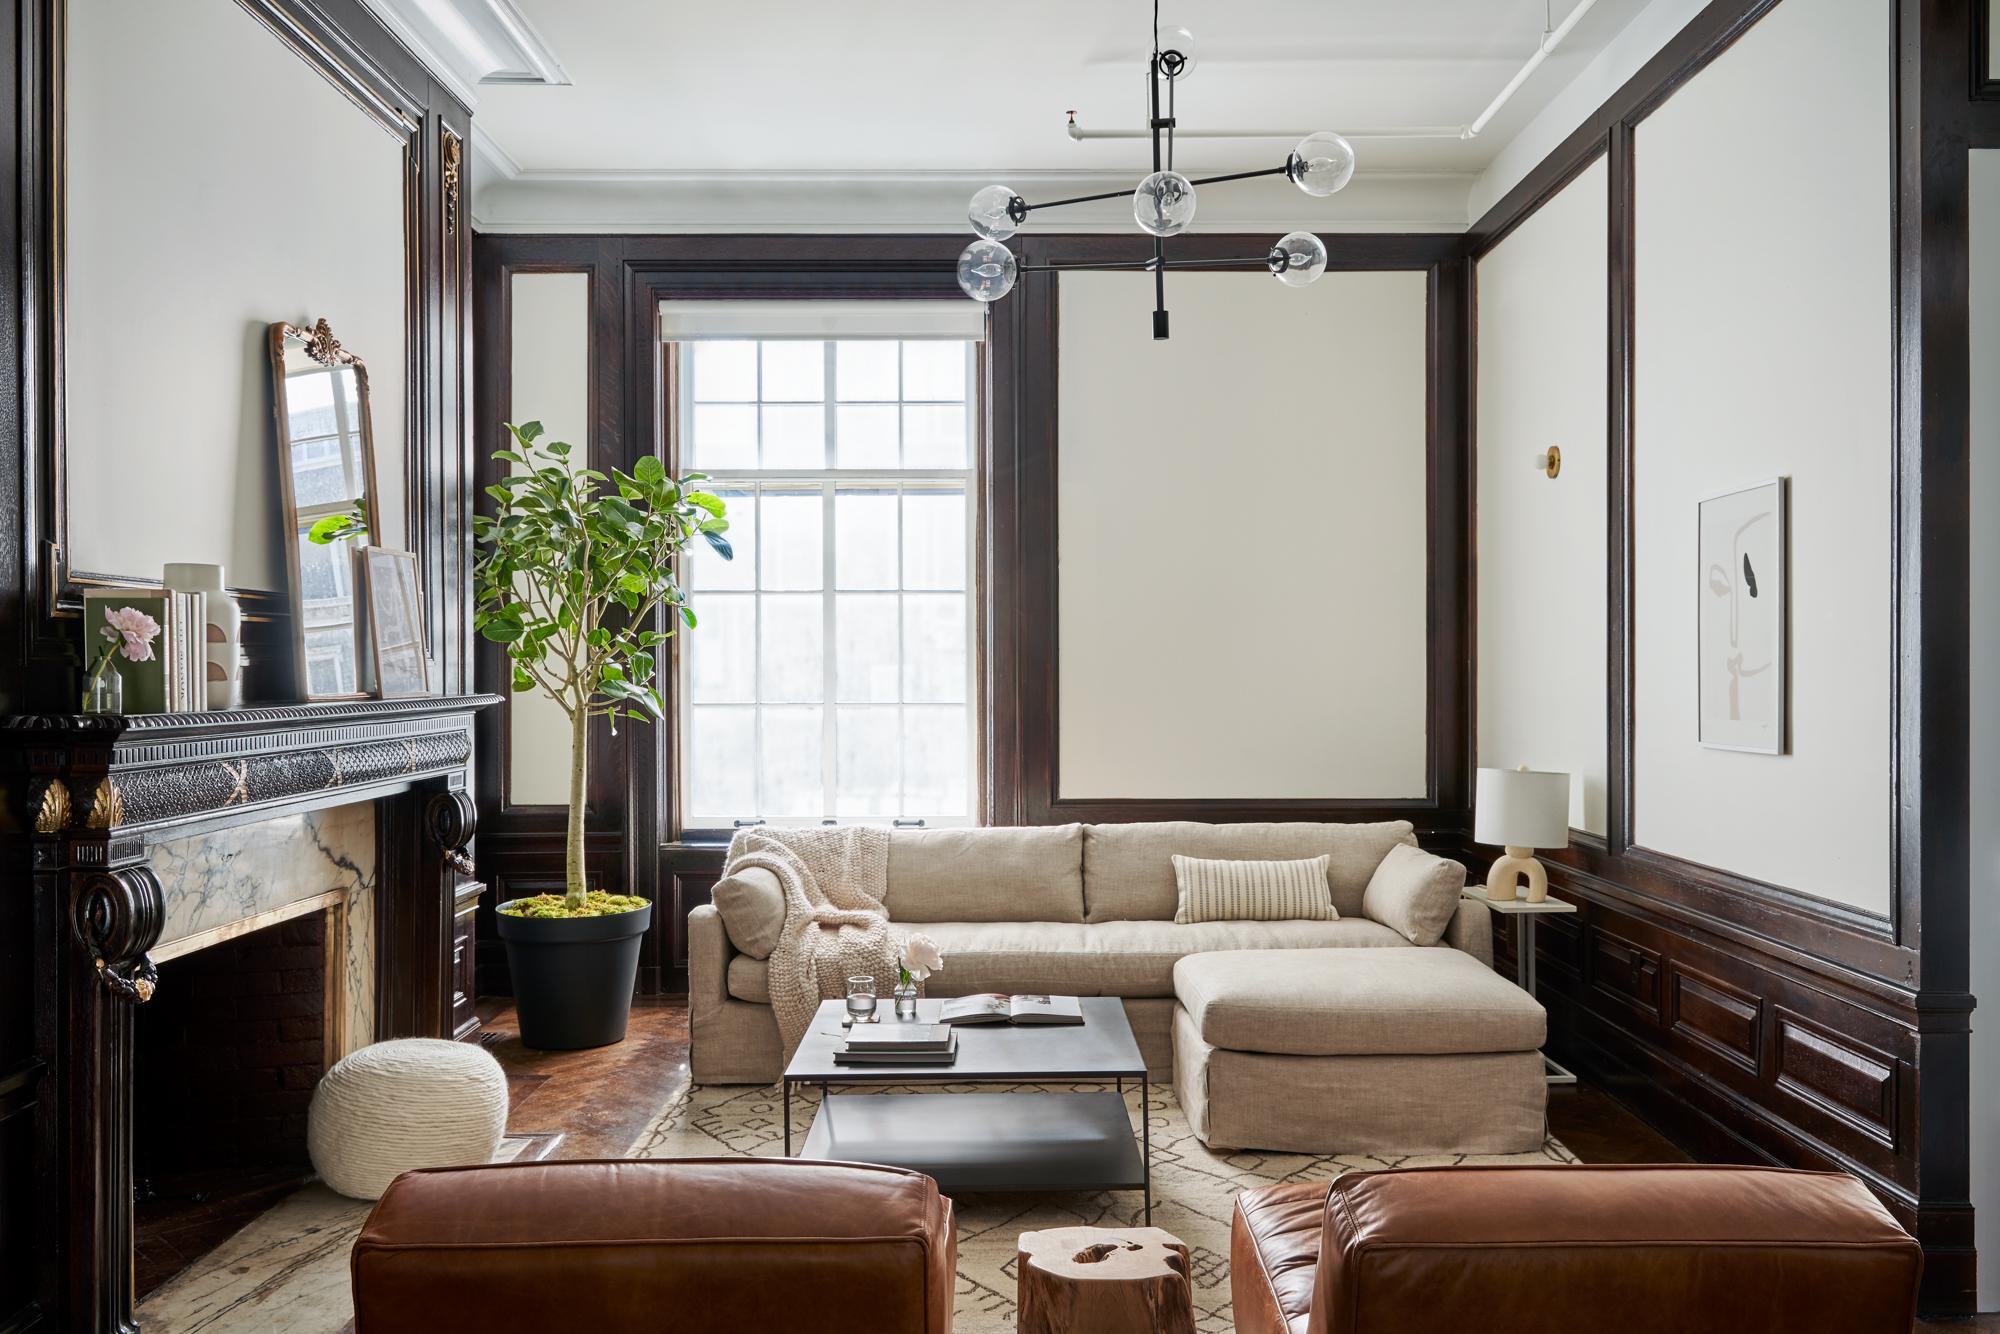 Common Grand rental